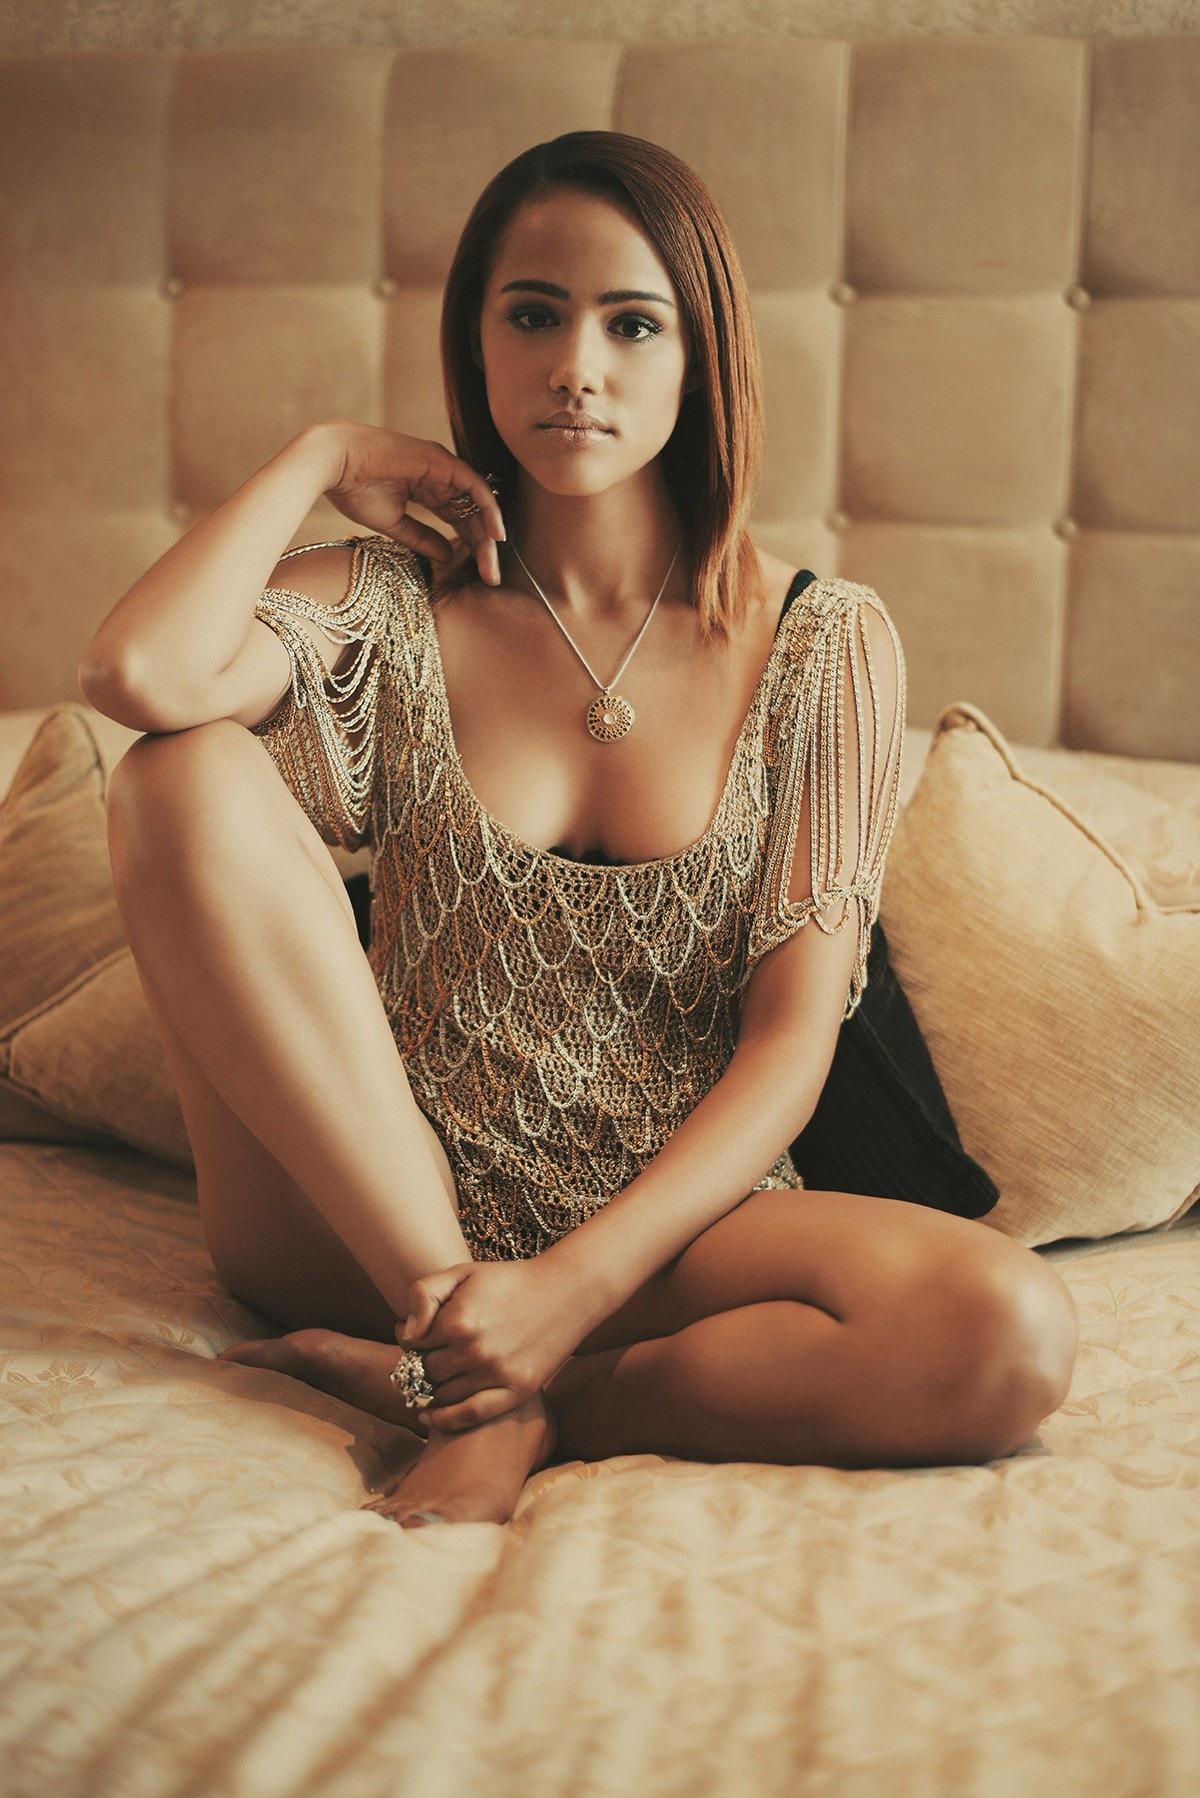 Nathalie Emmanuel Backgrounds